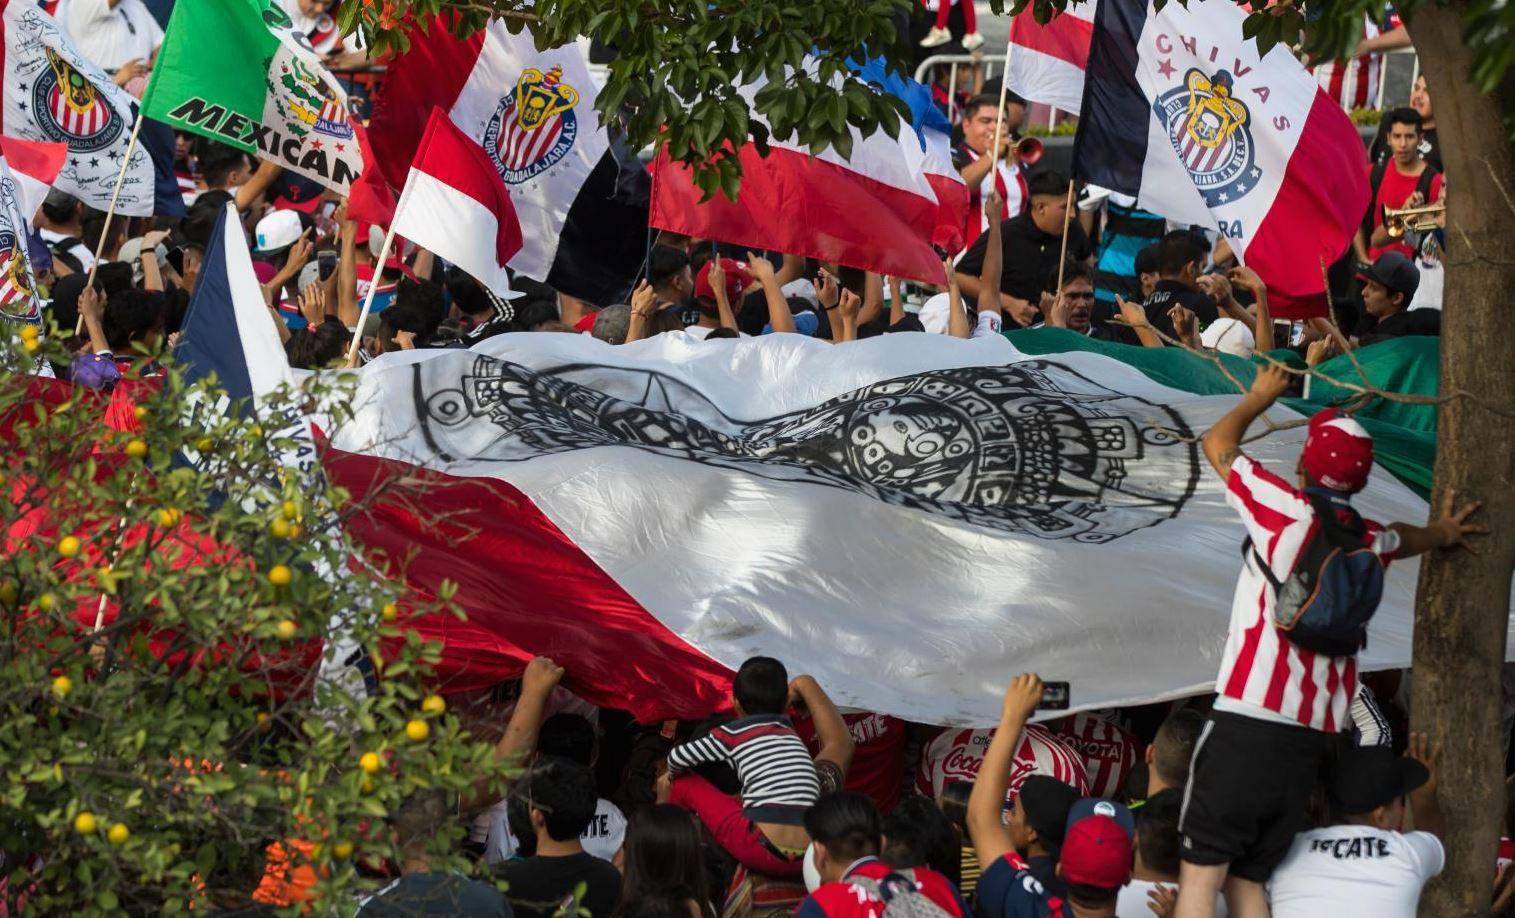 La emblemática bandera representó un sentimiento